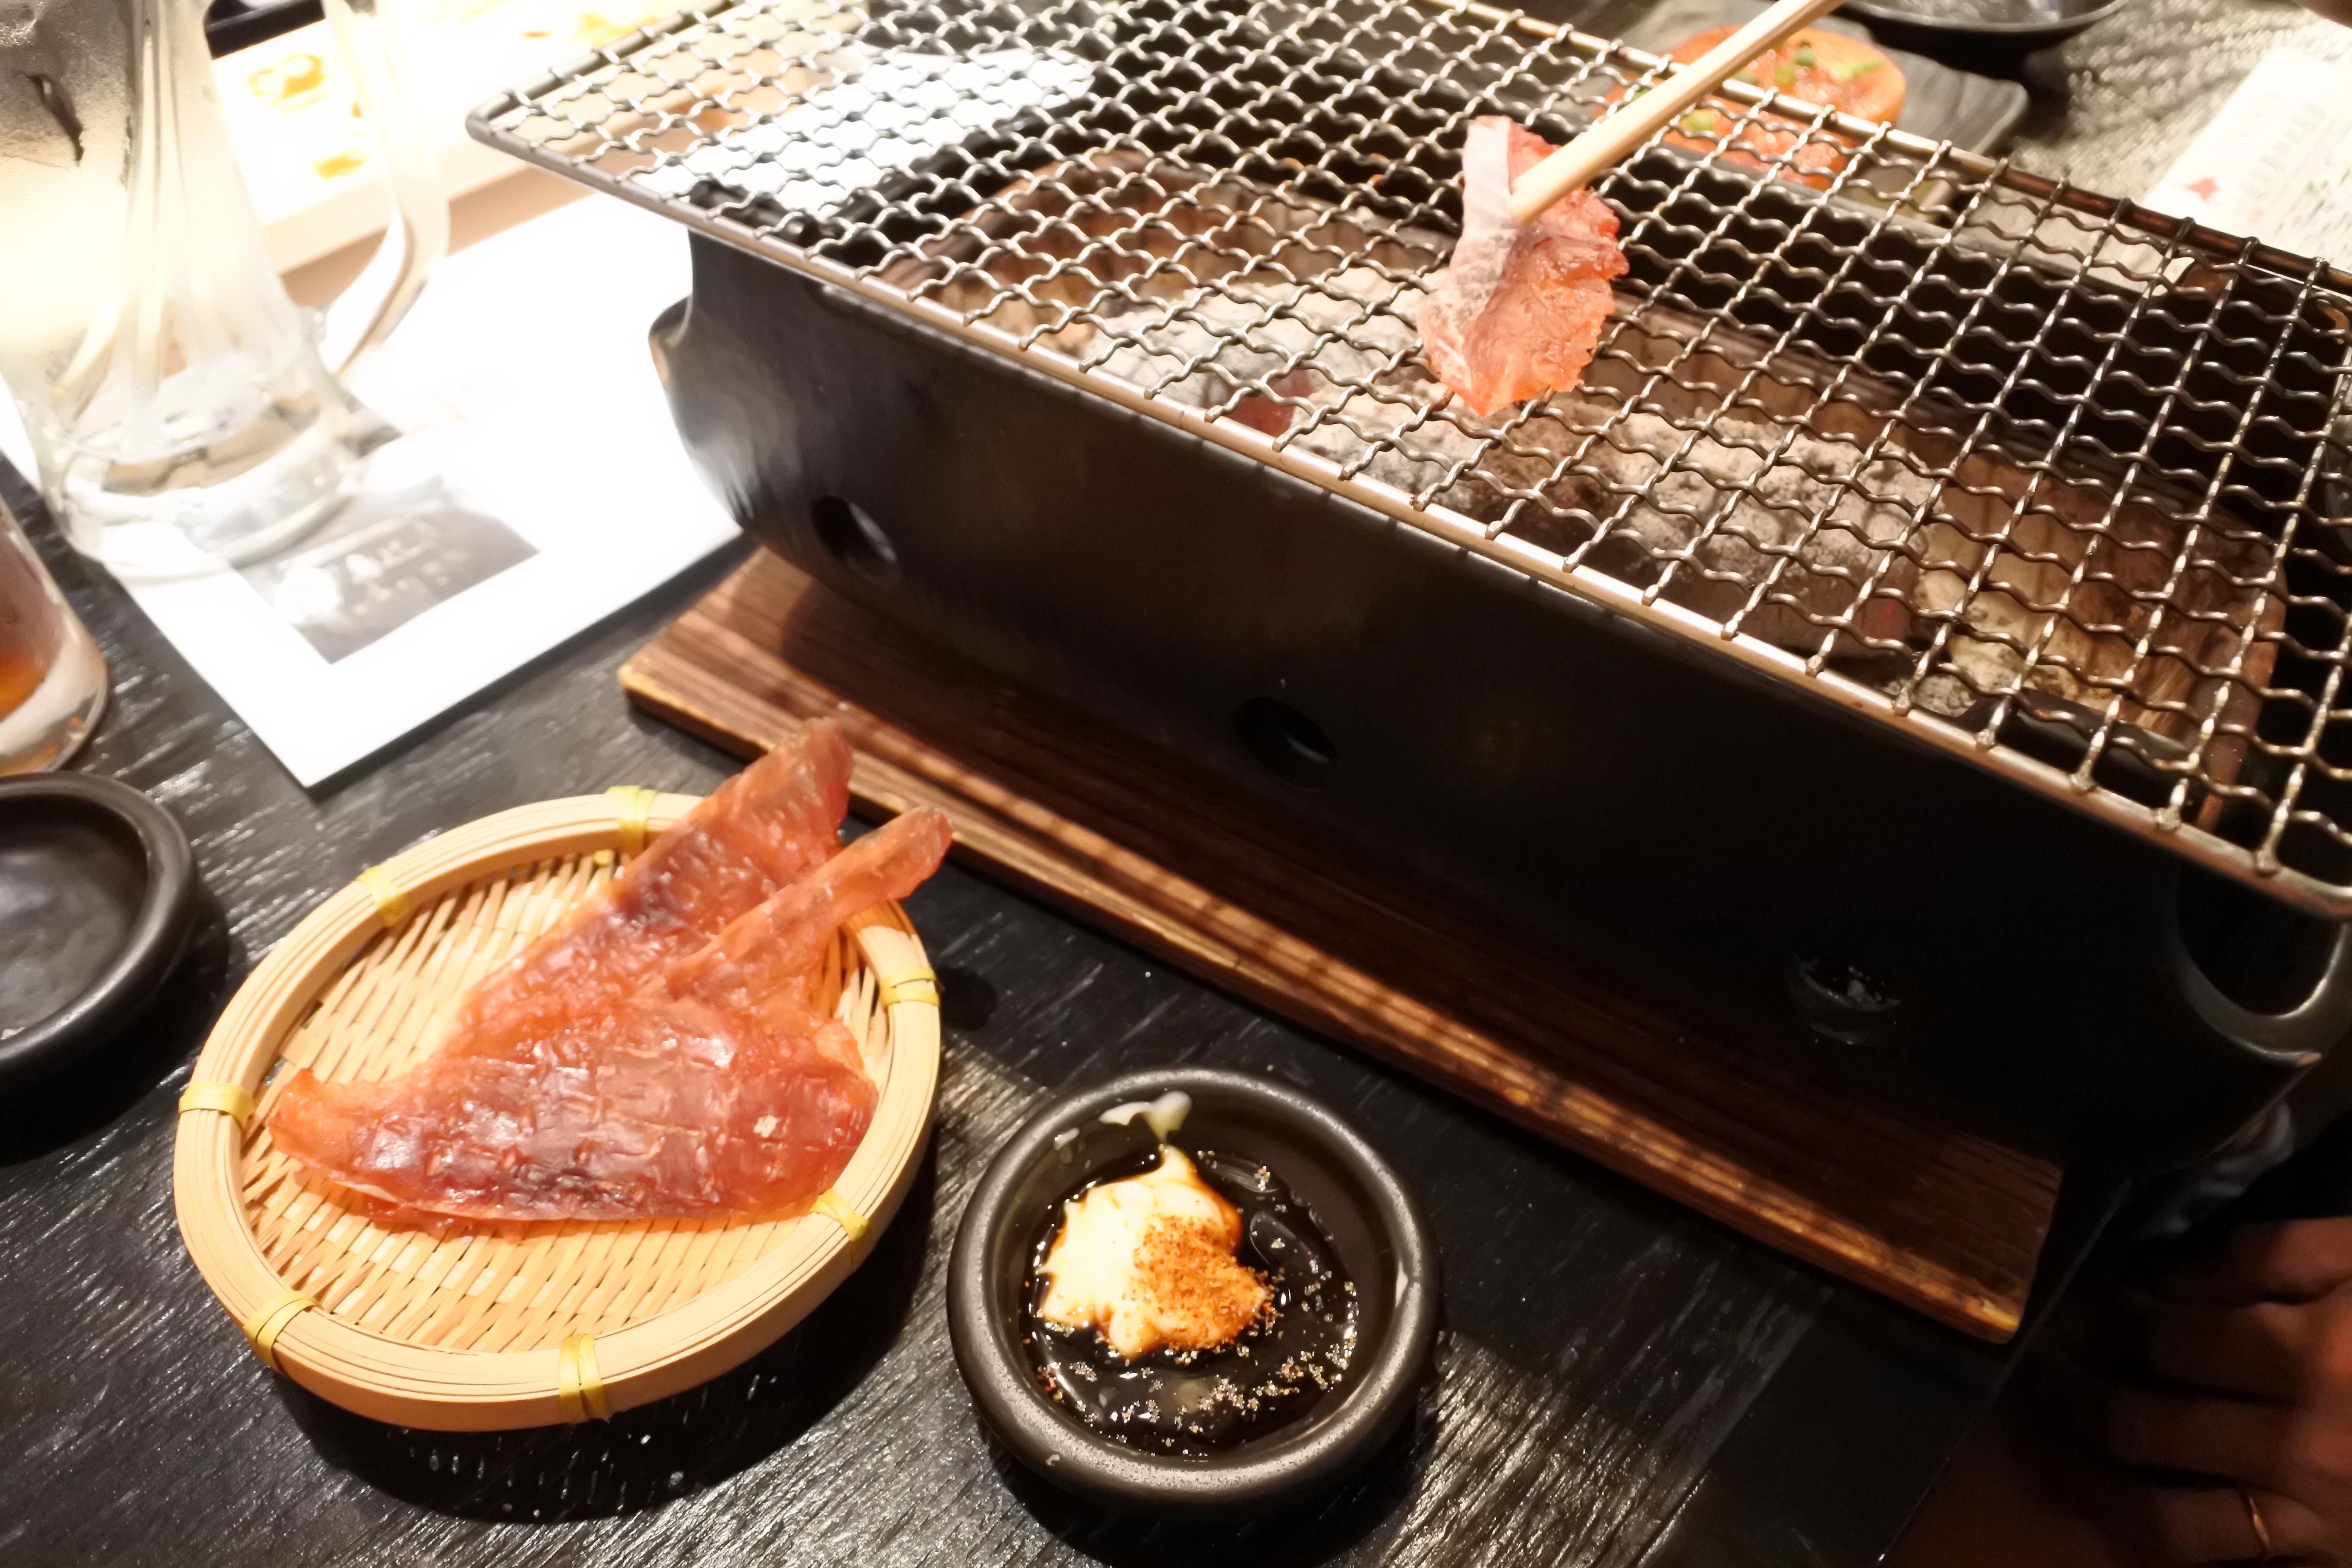 いくらこぼれ飯で大盛況!名古屋にいながら北海道を堪能できる「道南農林水産部」 - DSC 0048